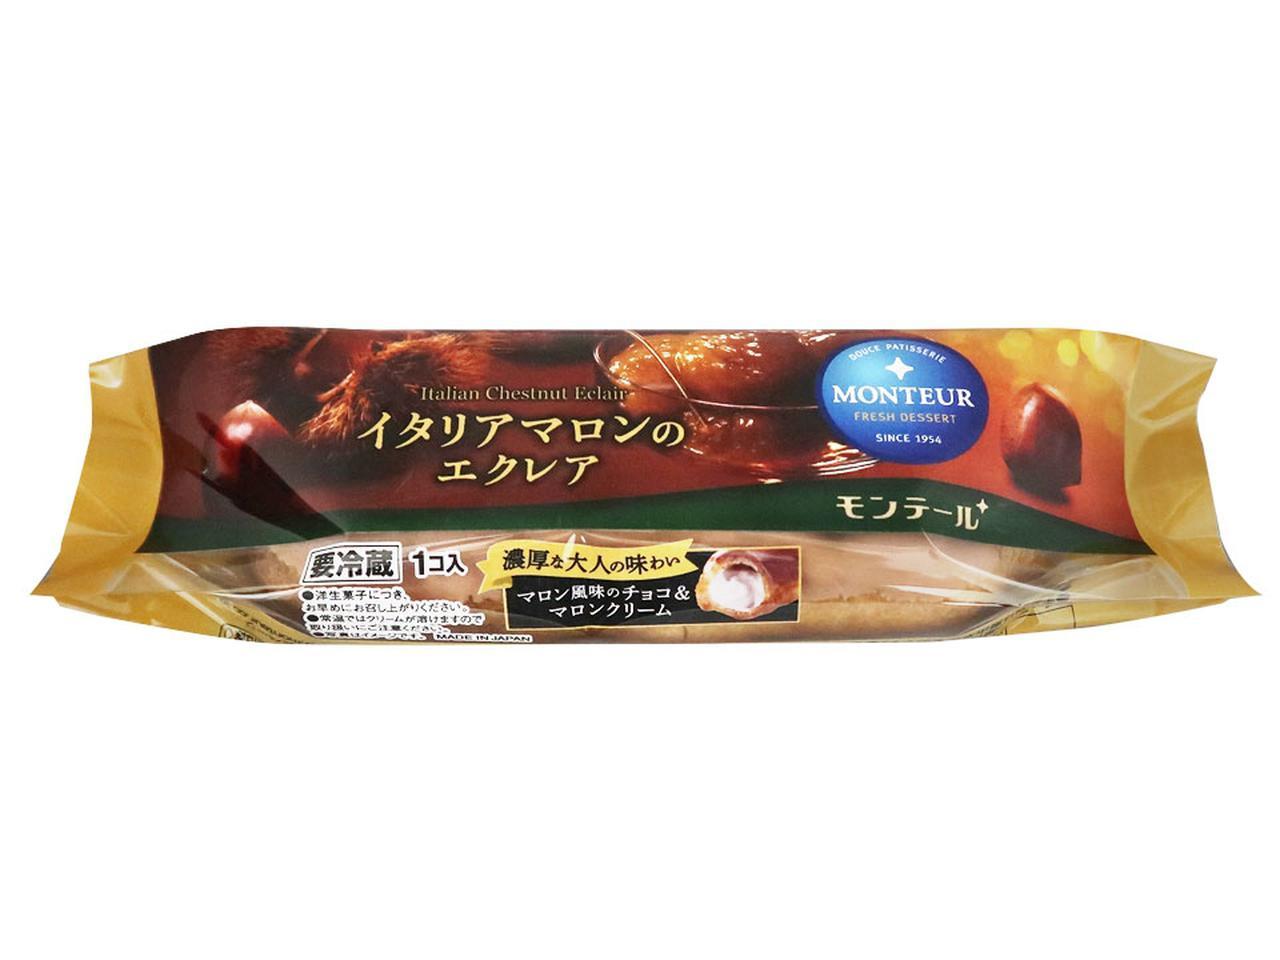 画像2: www.monteur.co.jp